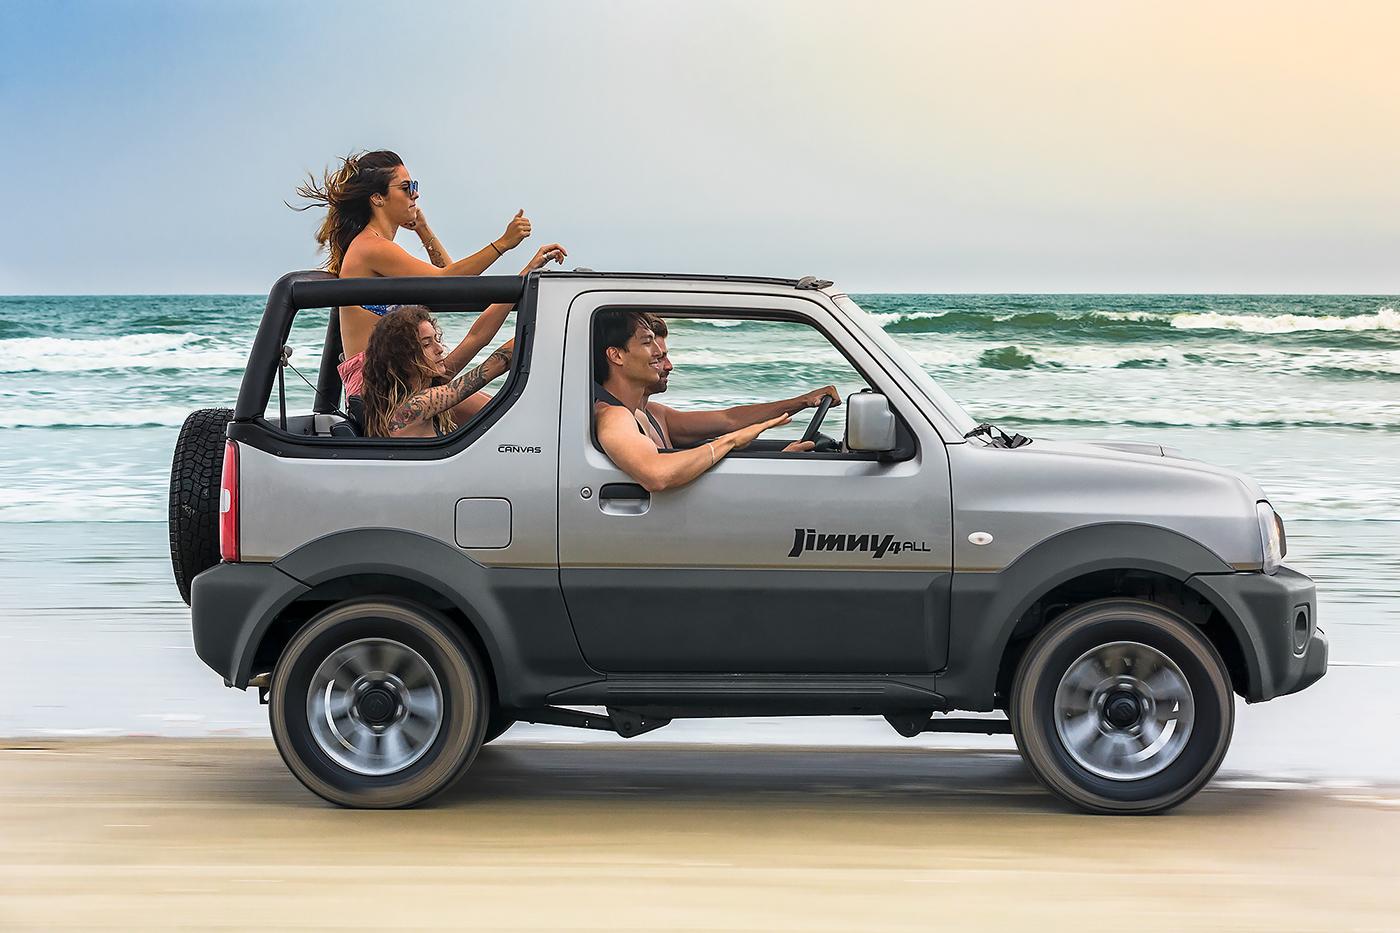 Suzuki Hobart